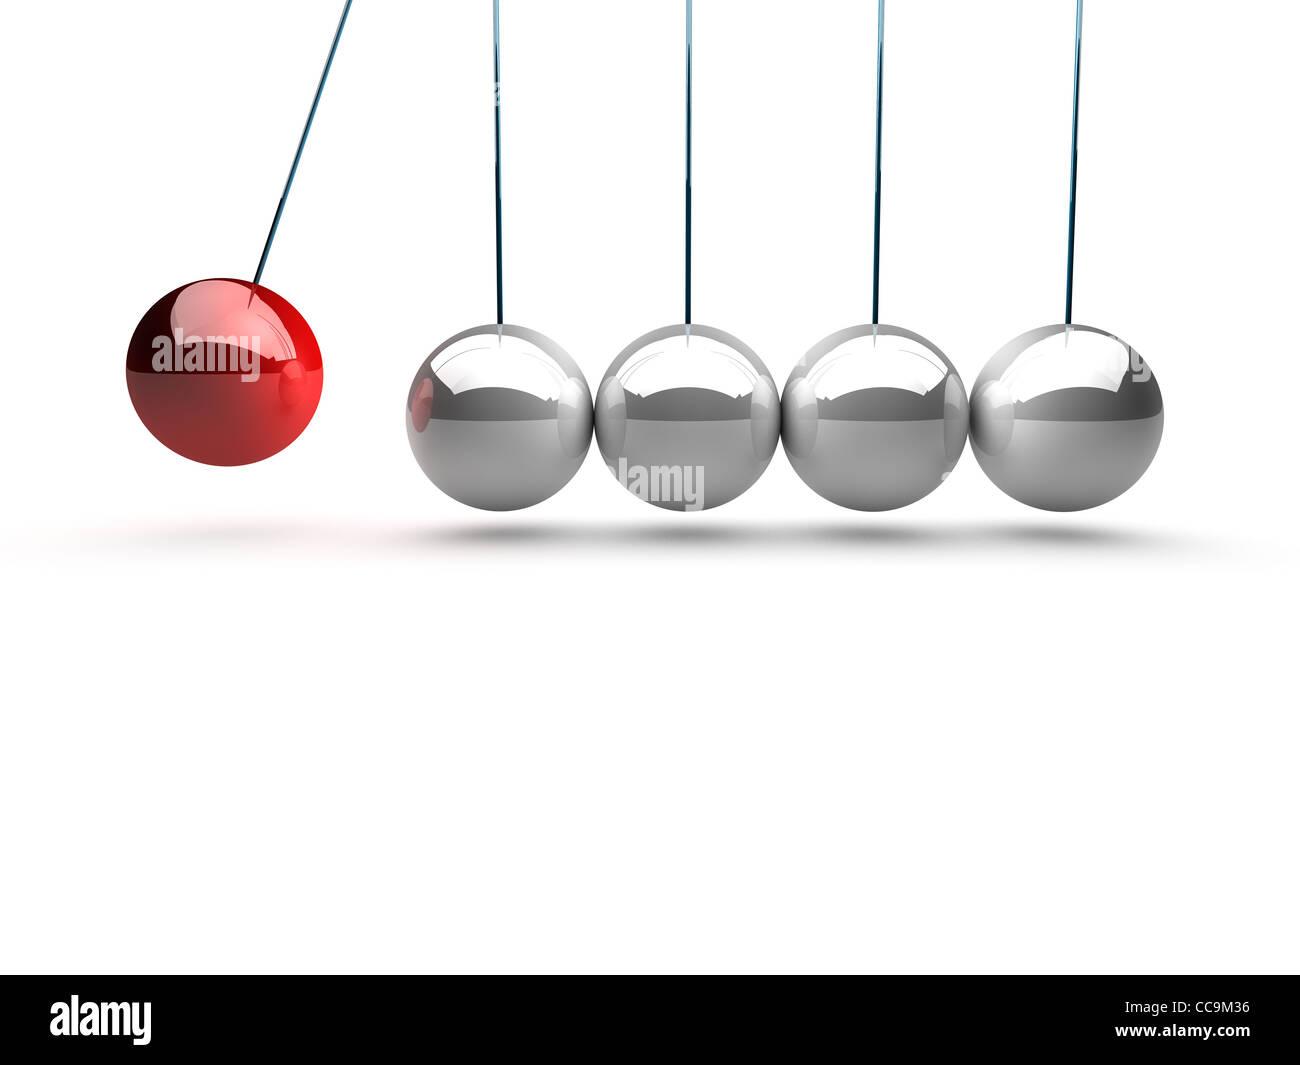 Las bolas de equilibrio newtons cuna sobre fondo blanco. Imagen De Stock